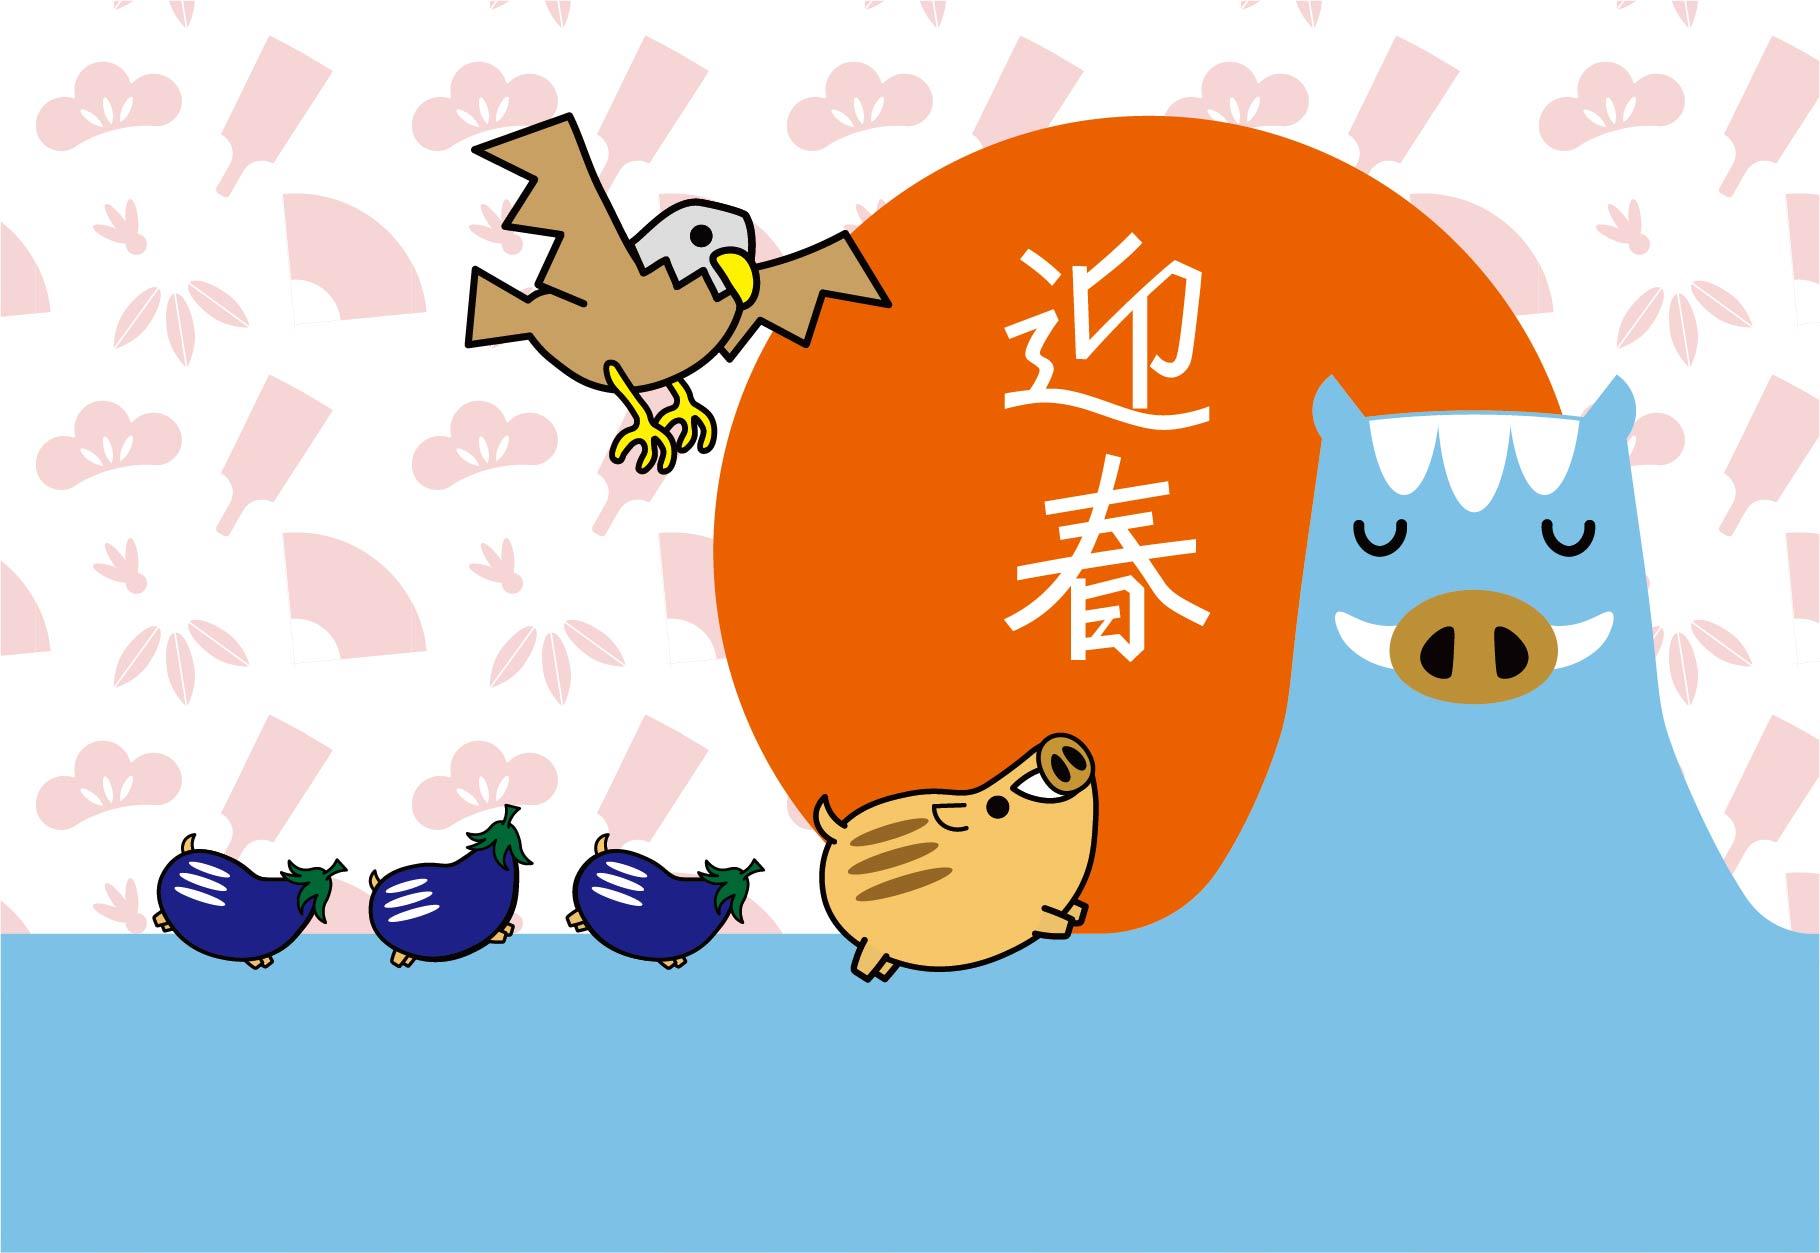 一富士二鷹三茄子+猪と日の出